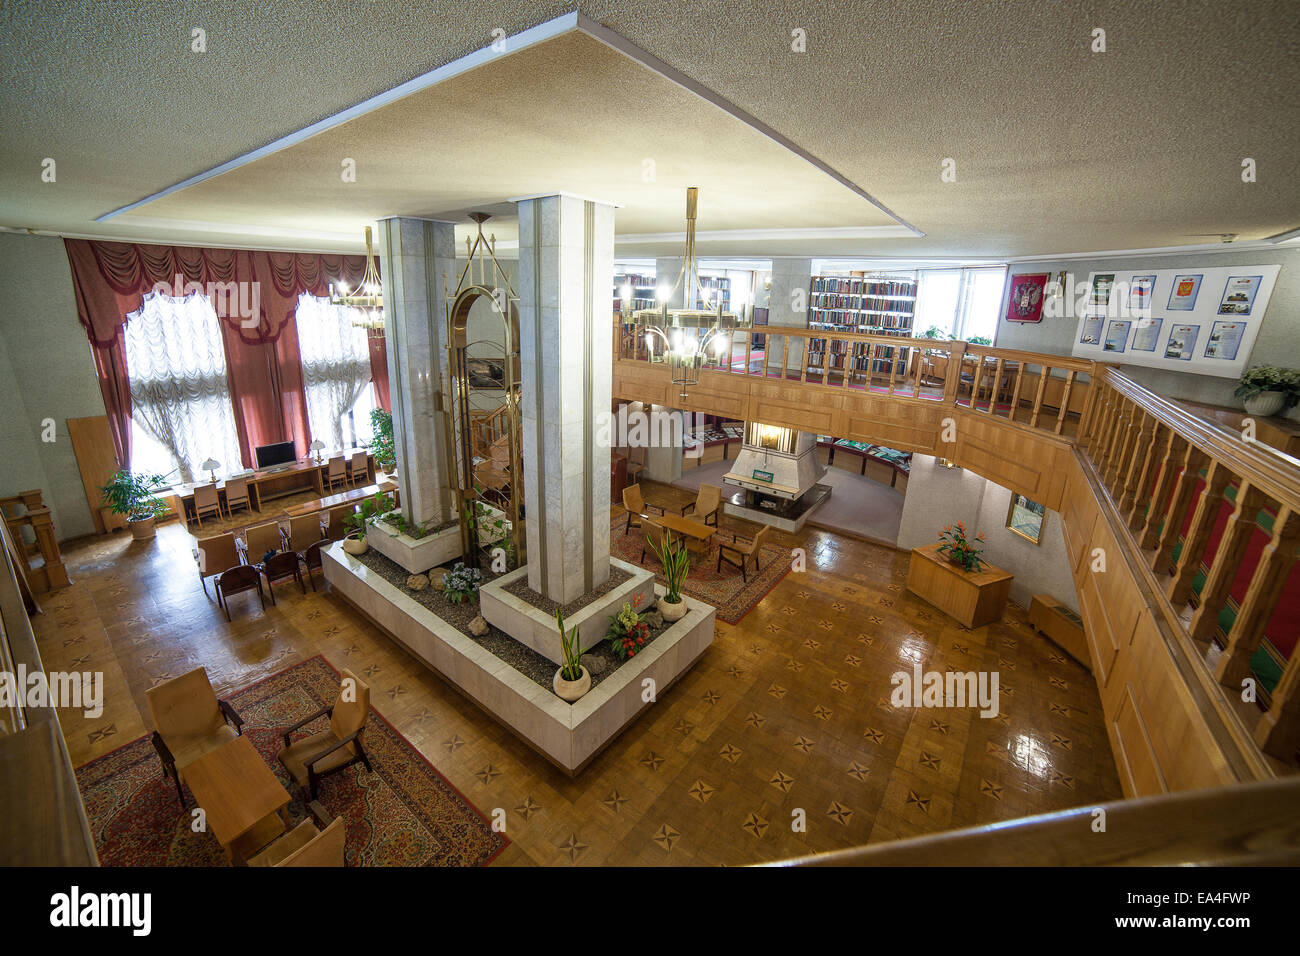 Flat Lobby Stockfotos & Flat Lobby Bilder - Alamy